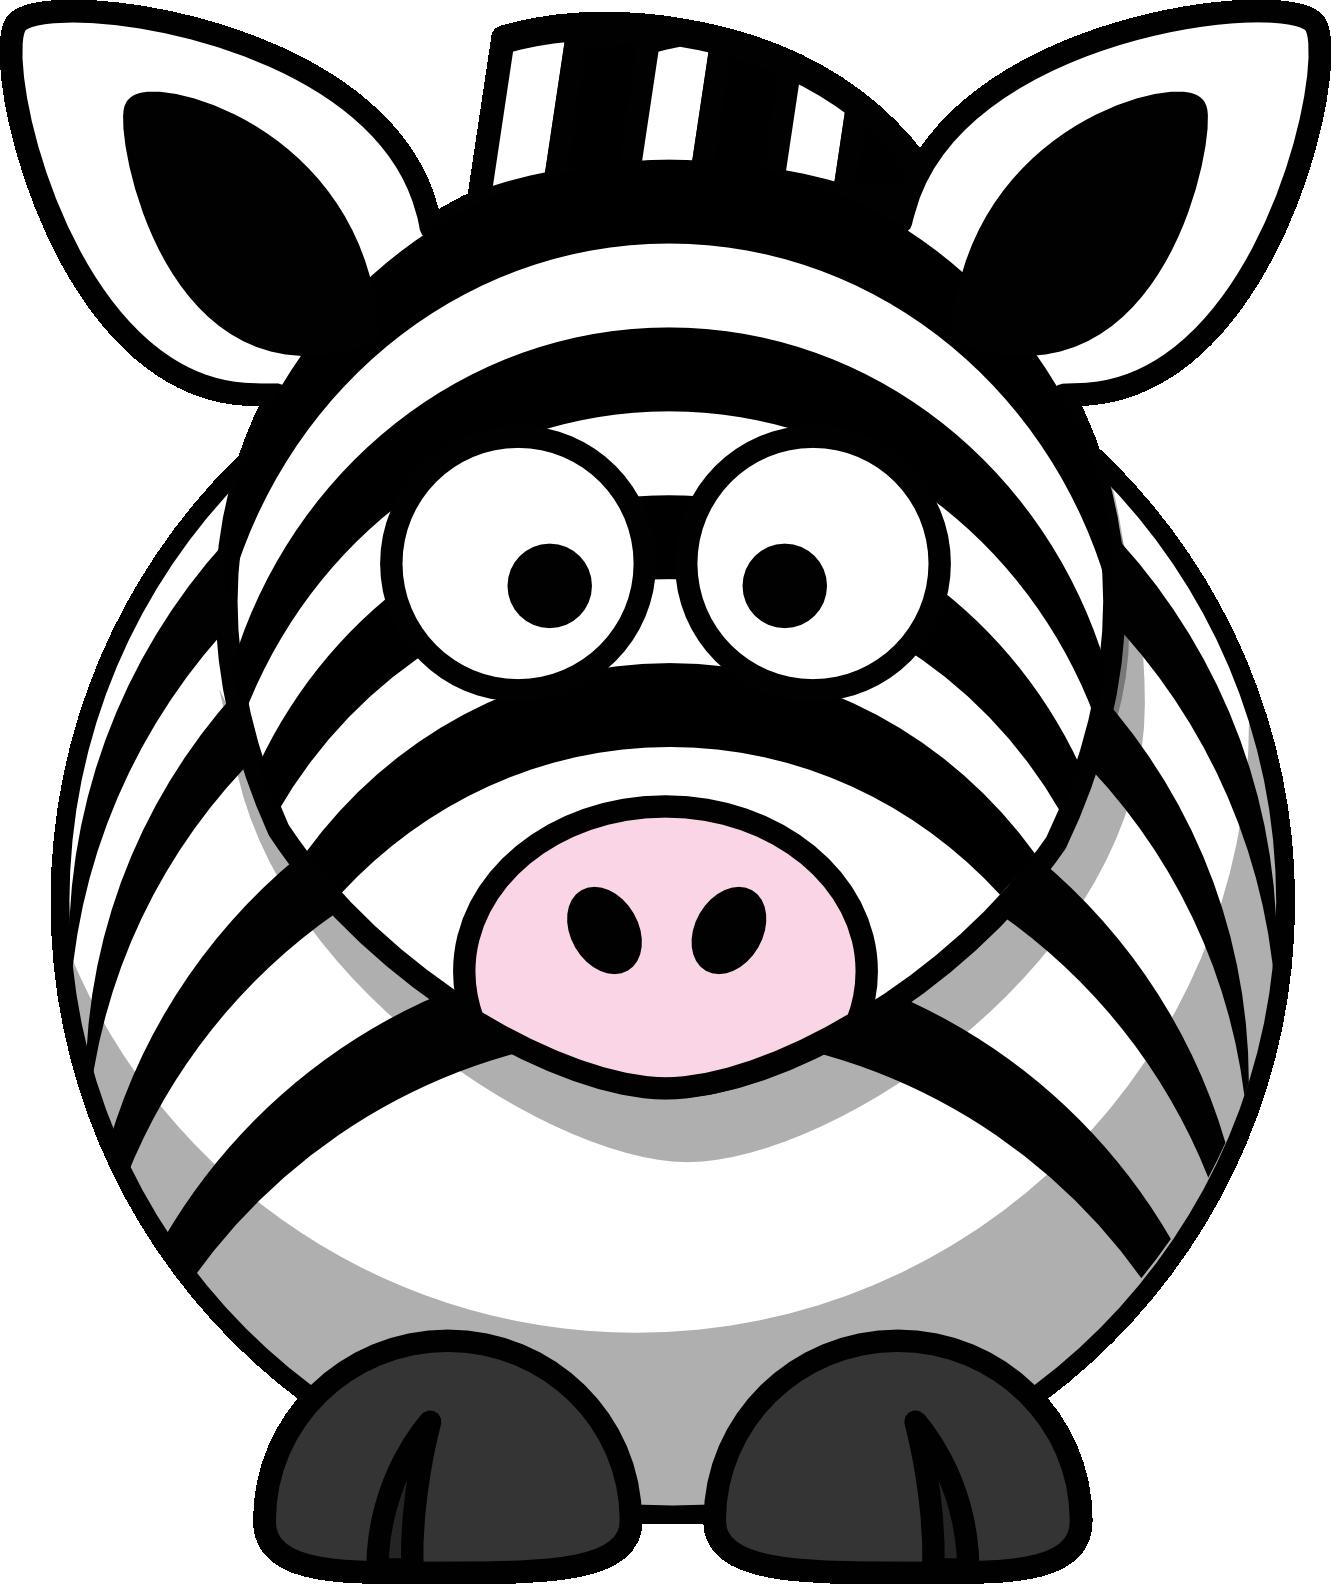 Peace Sign clipart zebra Zebra Panda zebra%20peace%20sign%20clipart Clip Free